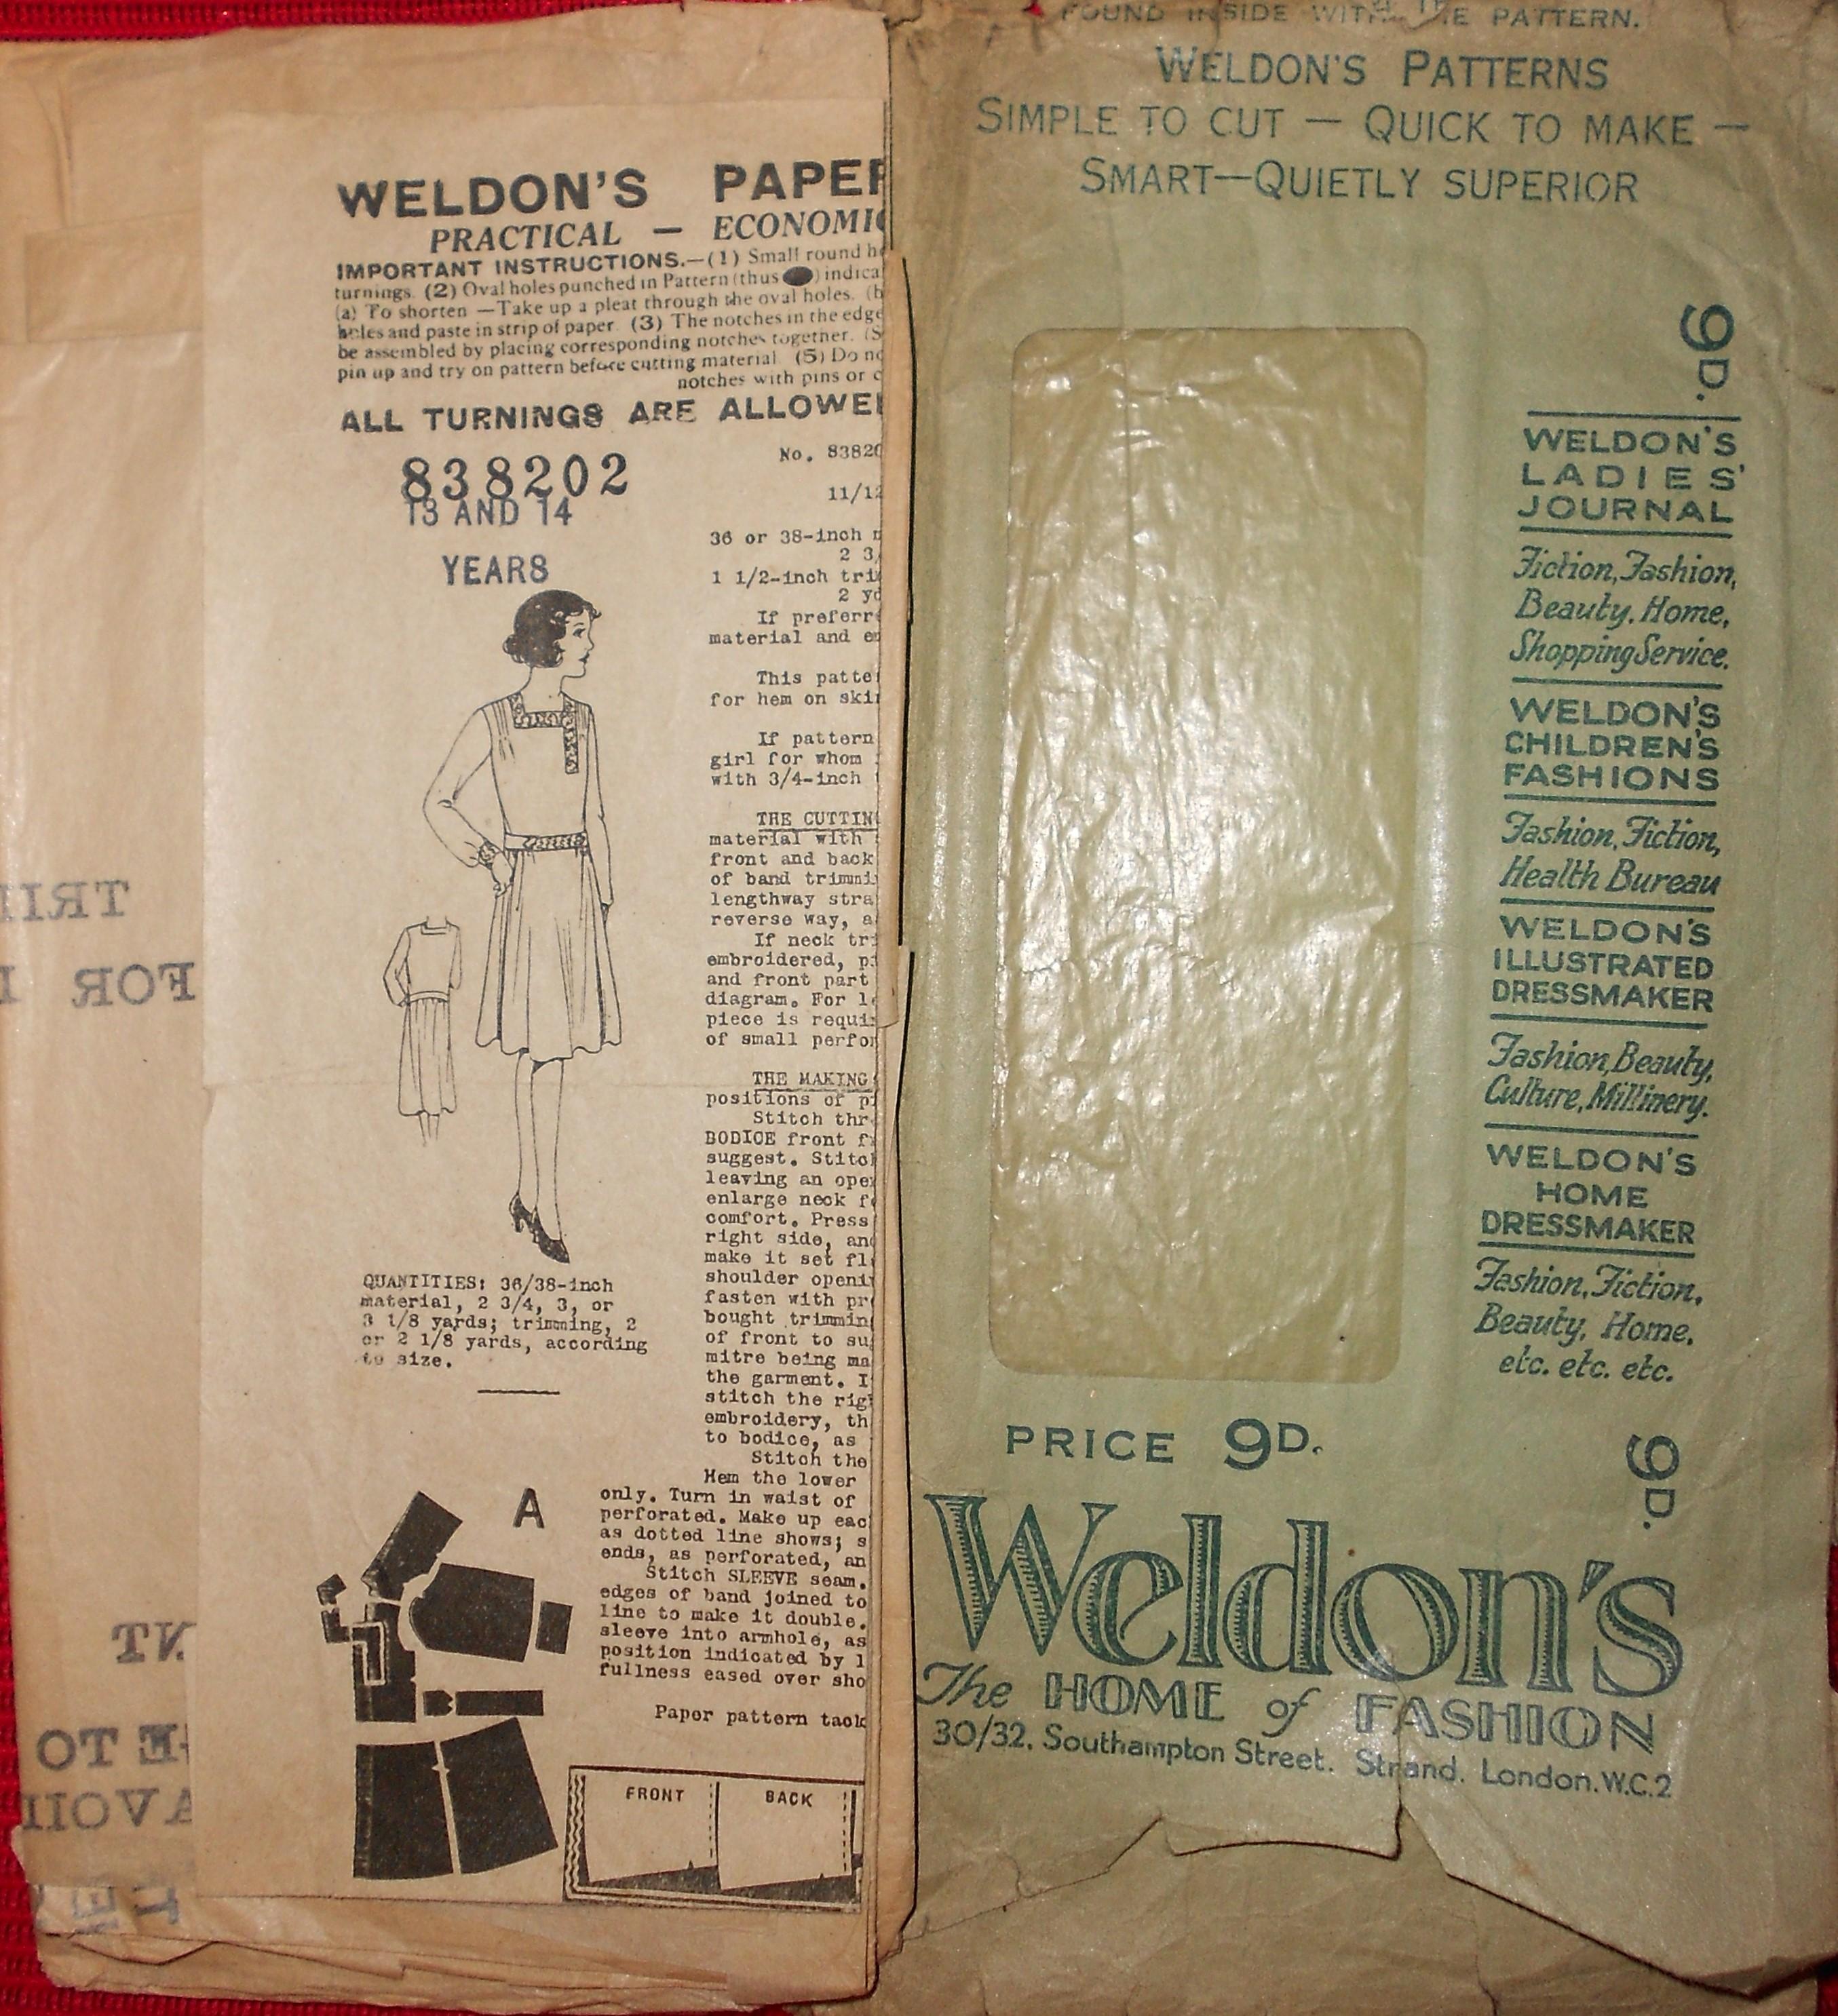 Weldons 838202